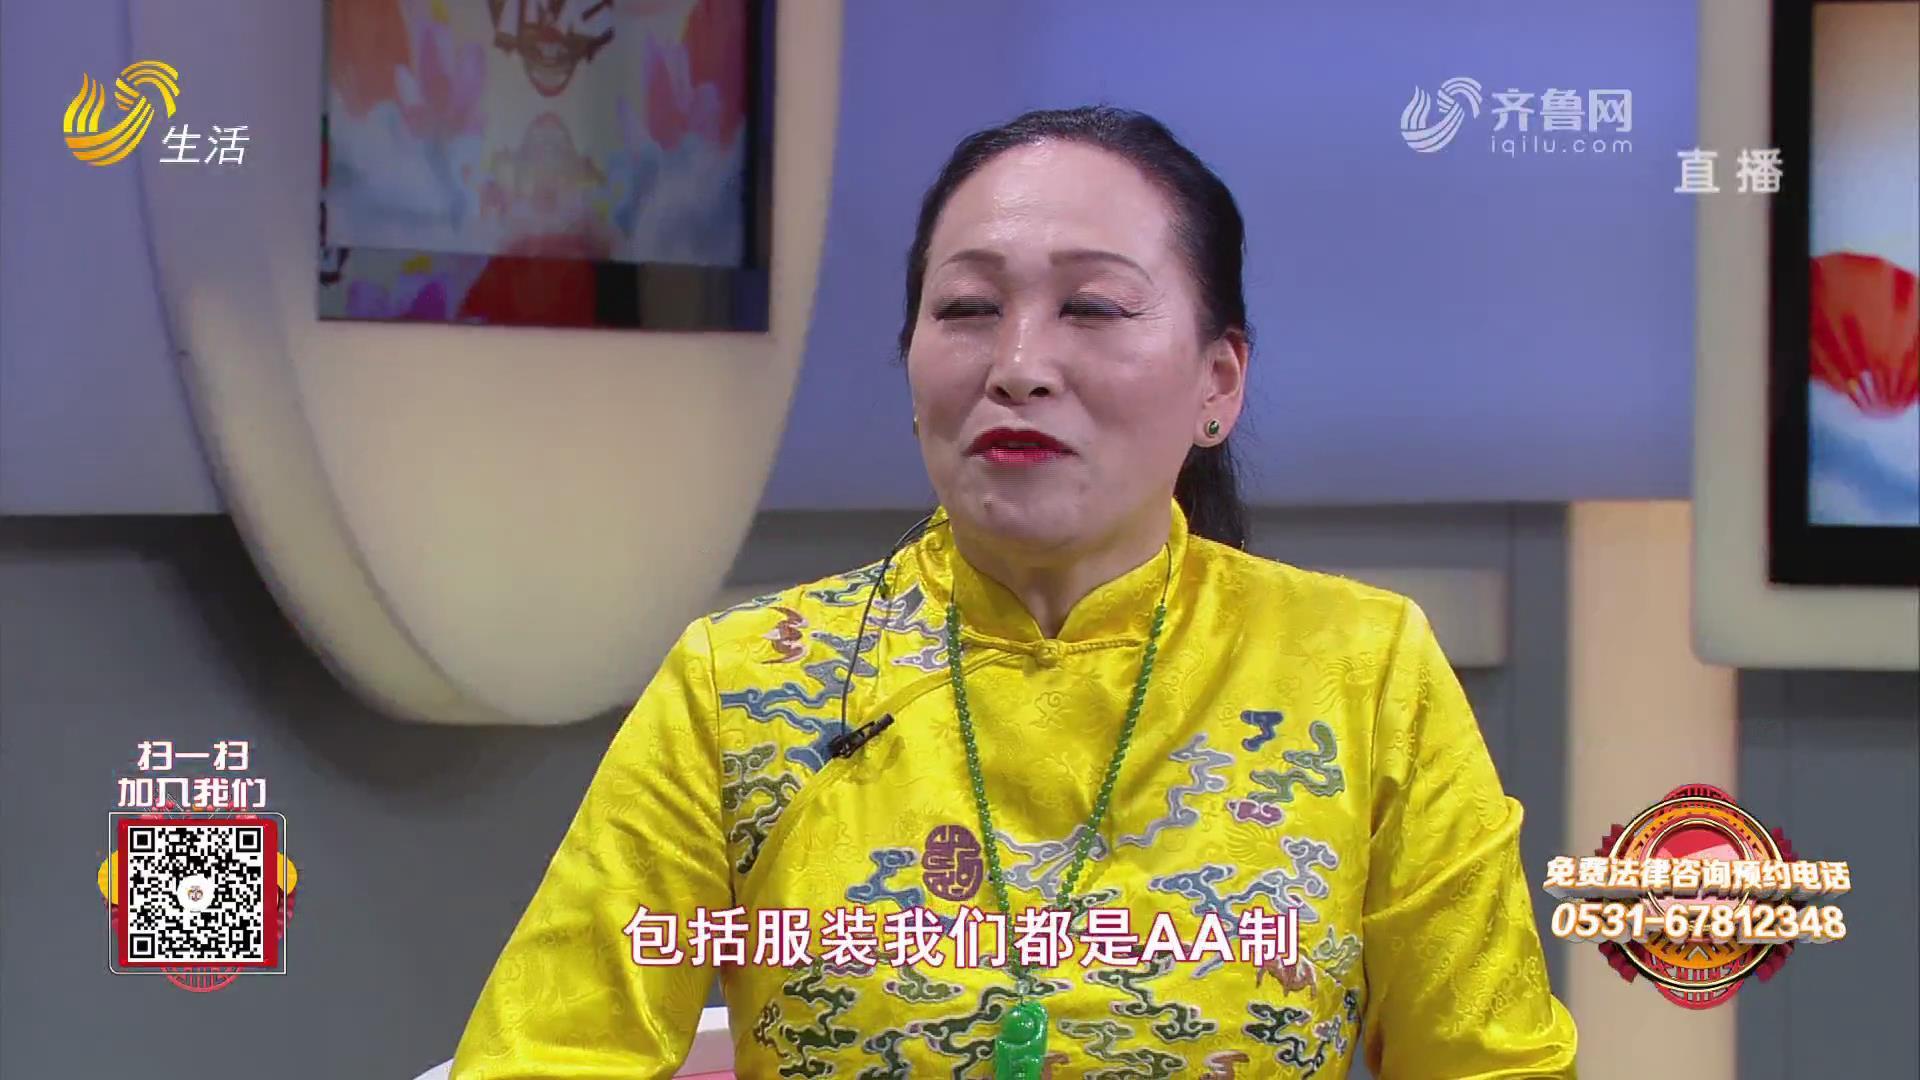 中國式養老-吳俊紅:鐘情旗袍二十年 辛勤走出一片天